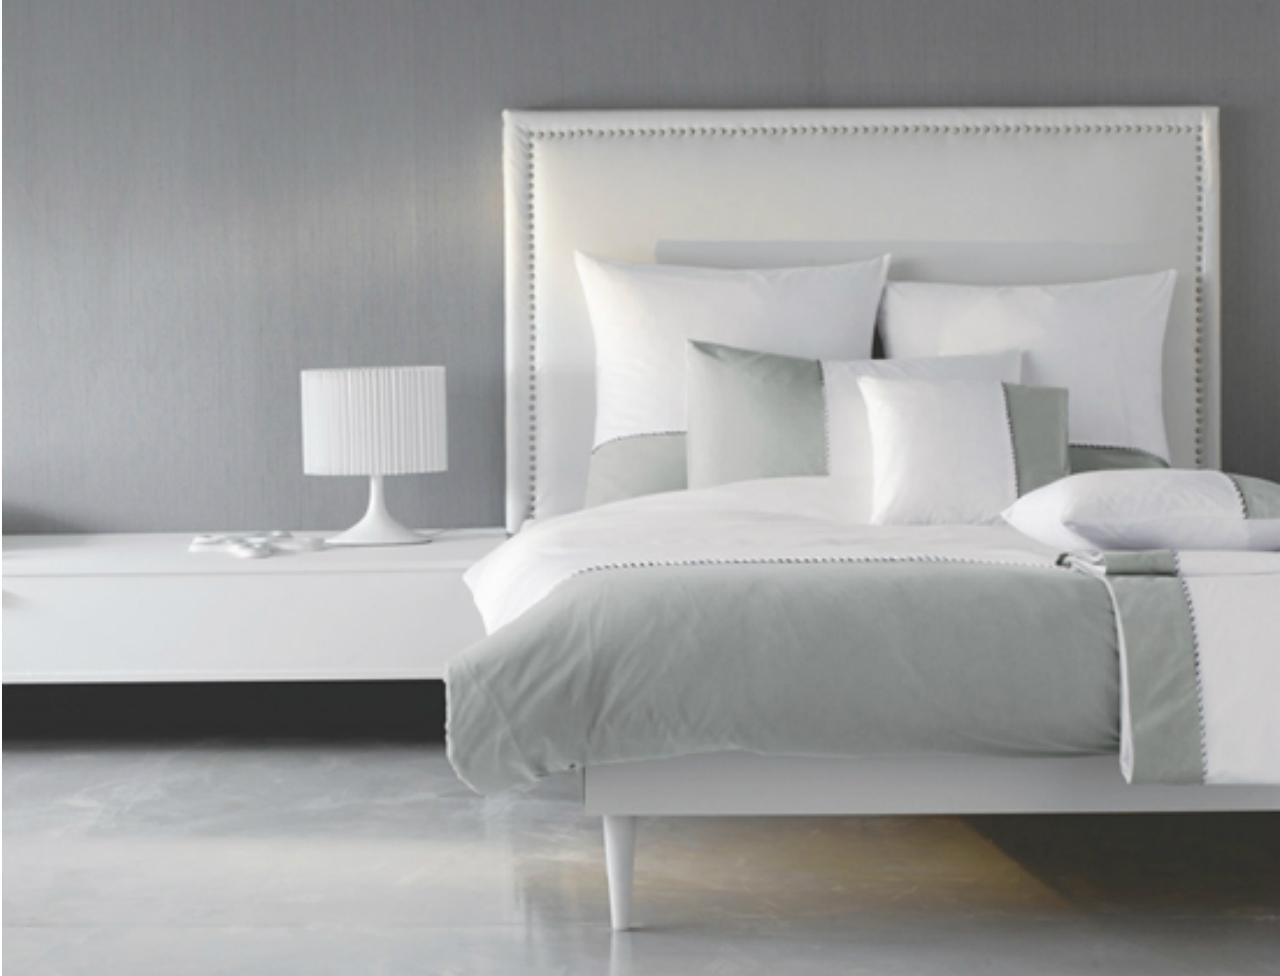 parure de lit une personne parure de lit une personne achat vente parure de drap cdiscount. Black Bedroom Furniture Sets. Home Design Ideas